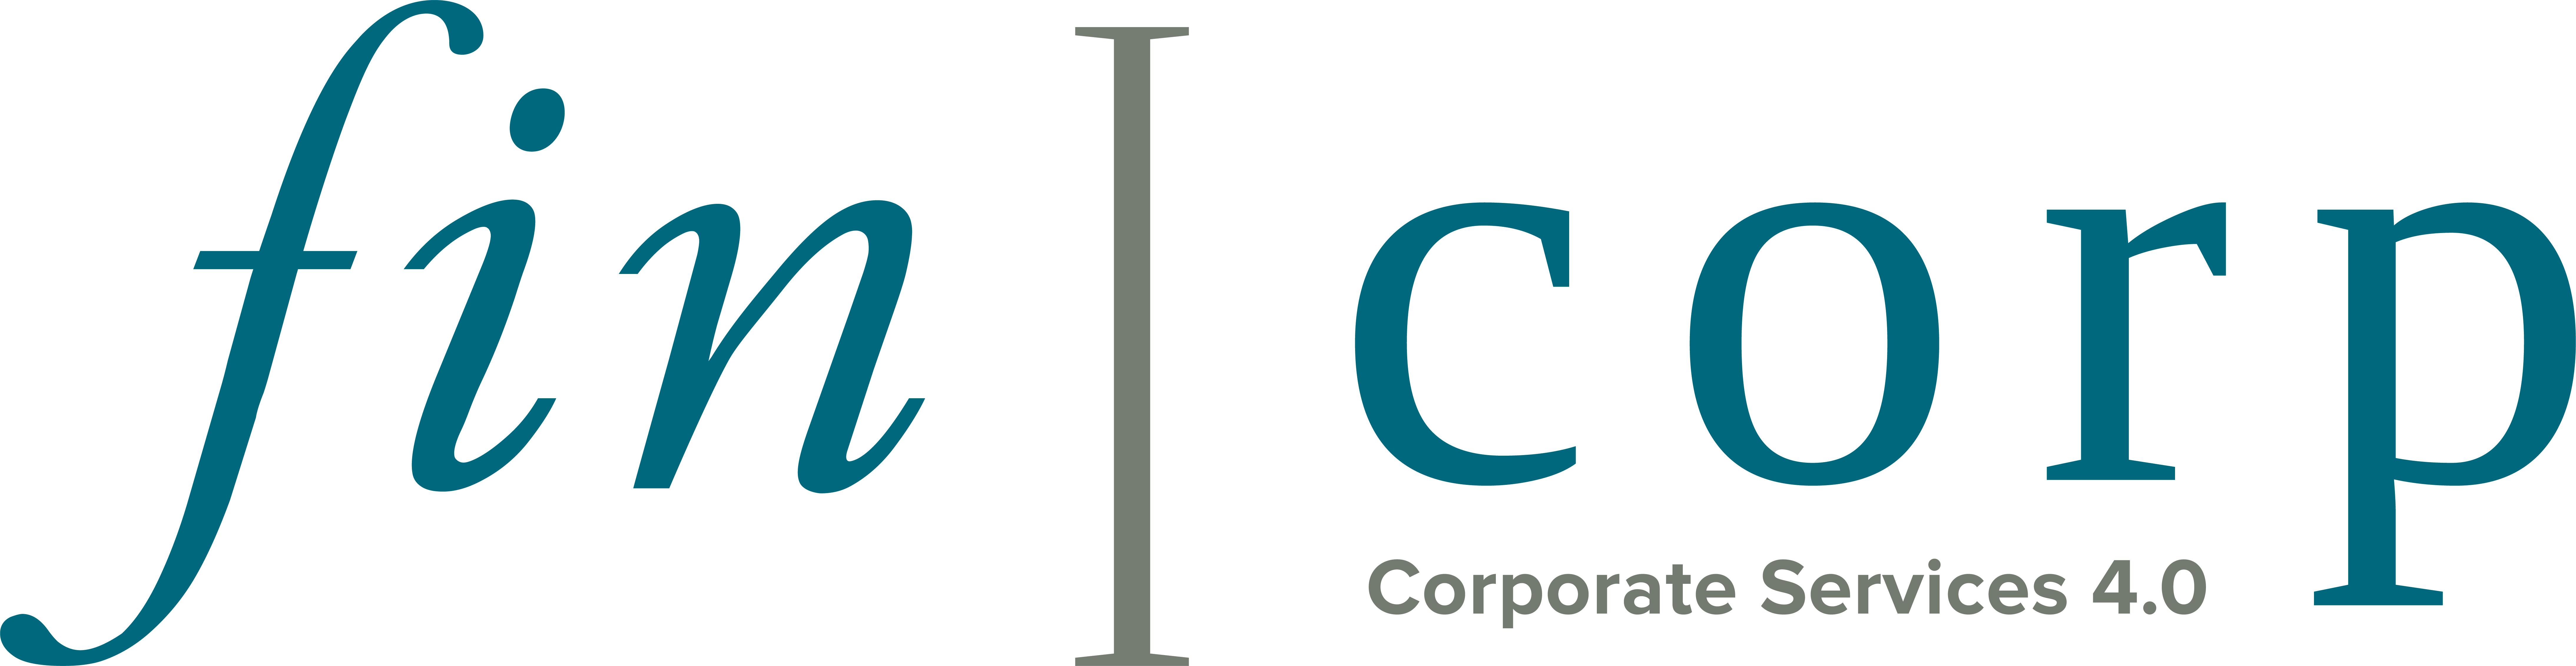 Fincorp_logo